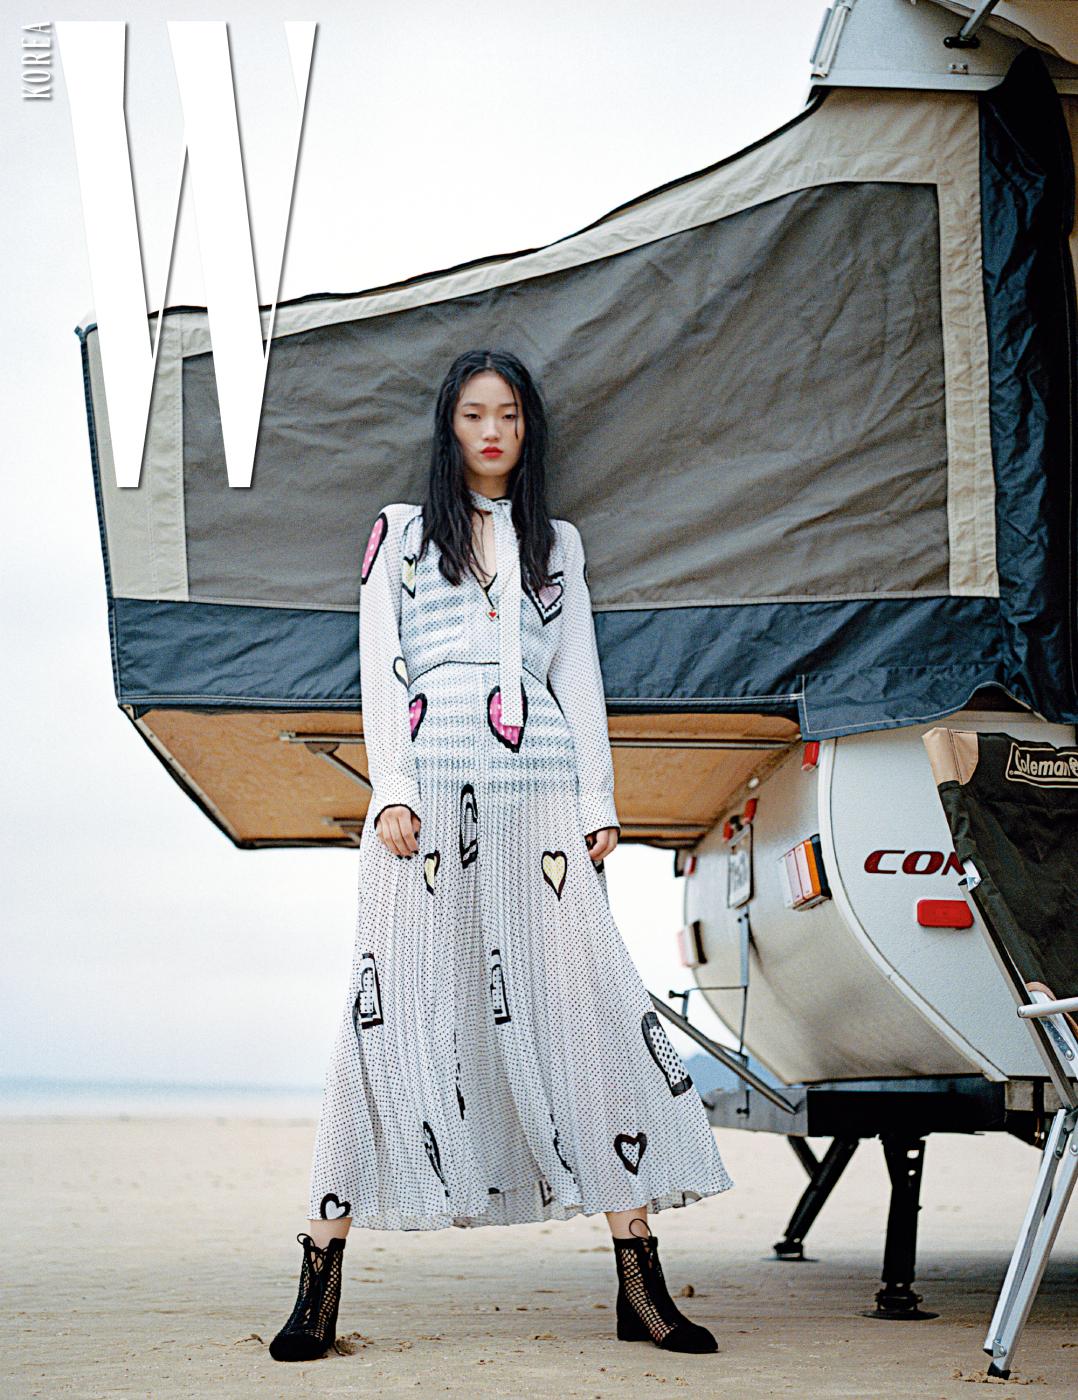 하트 무늬가 새겨진 리본 장식 드레스와 레이스업 슈즈, 목걸이는 모두 Dior 제품.